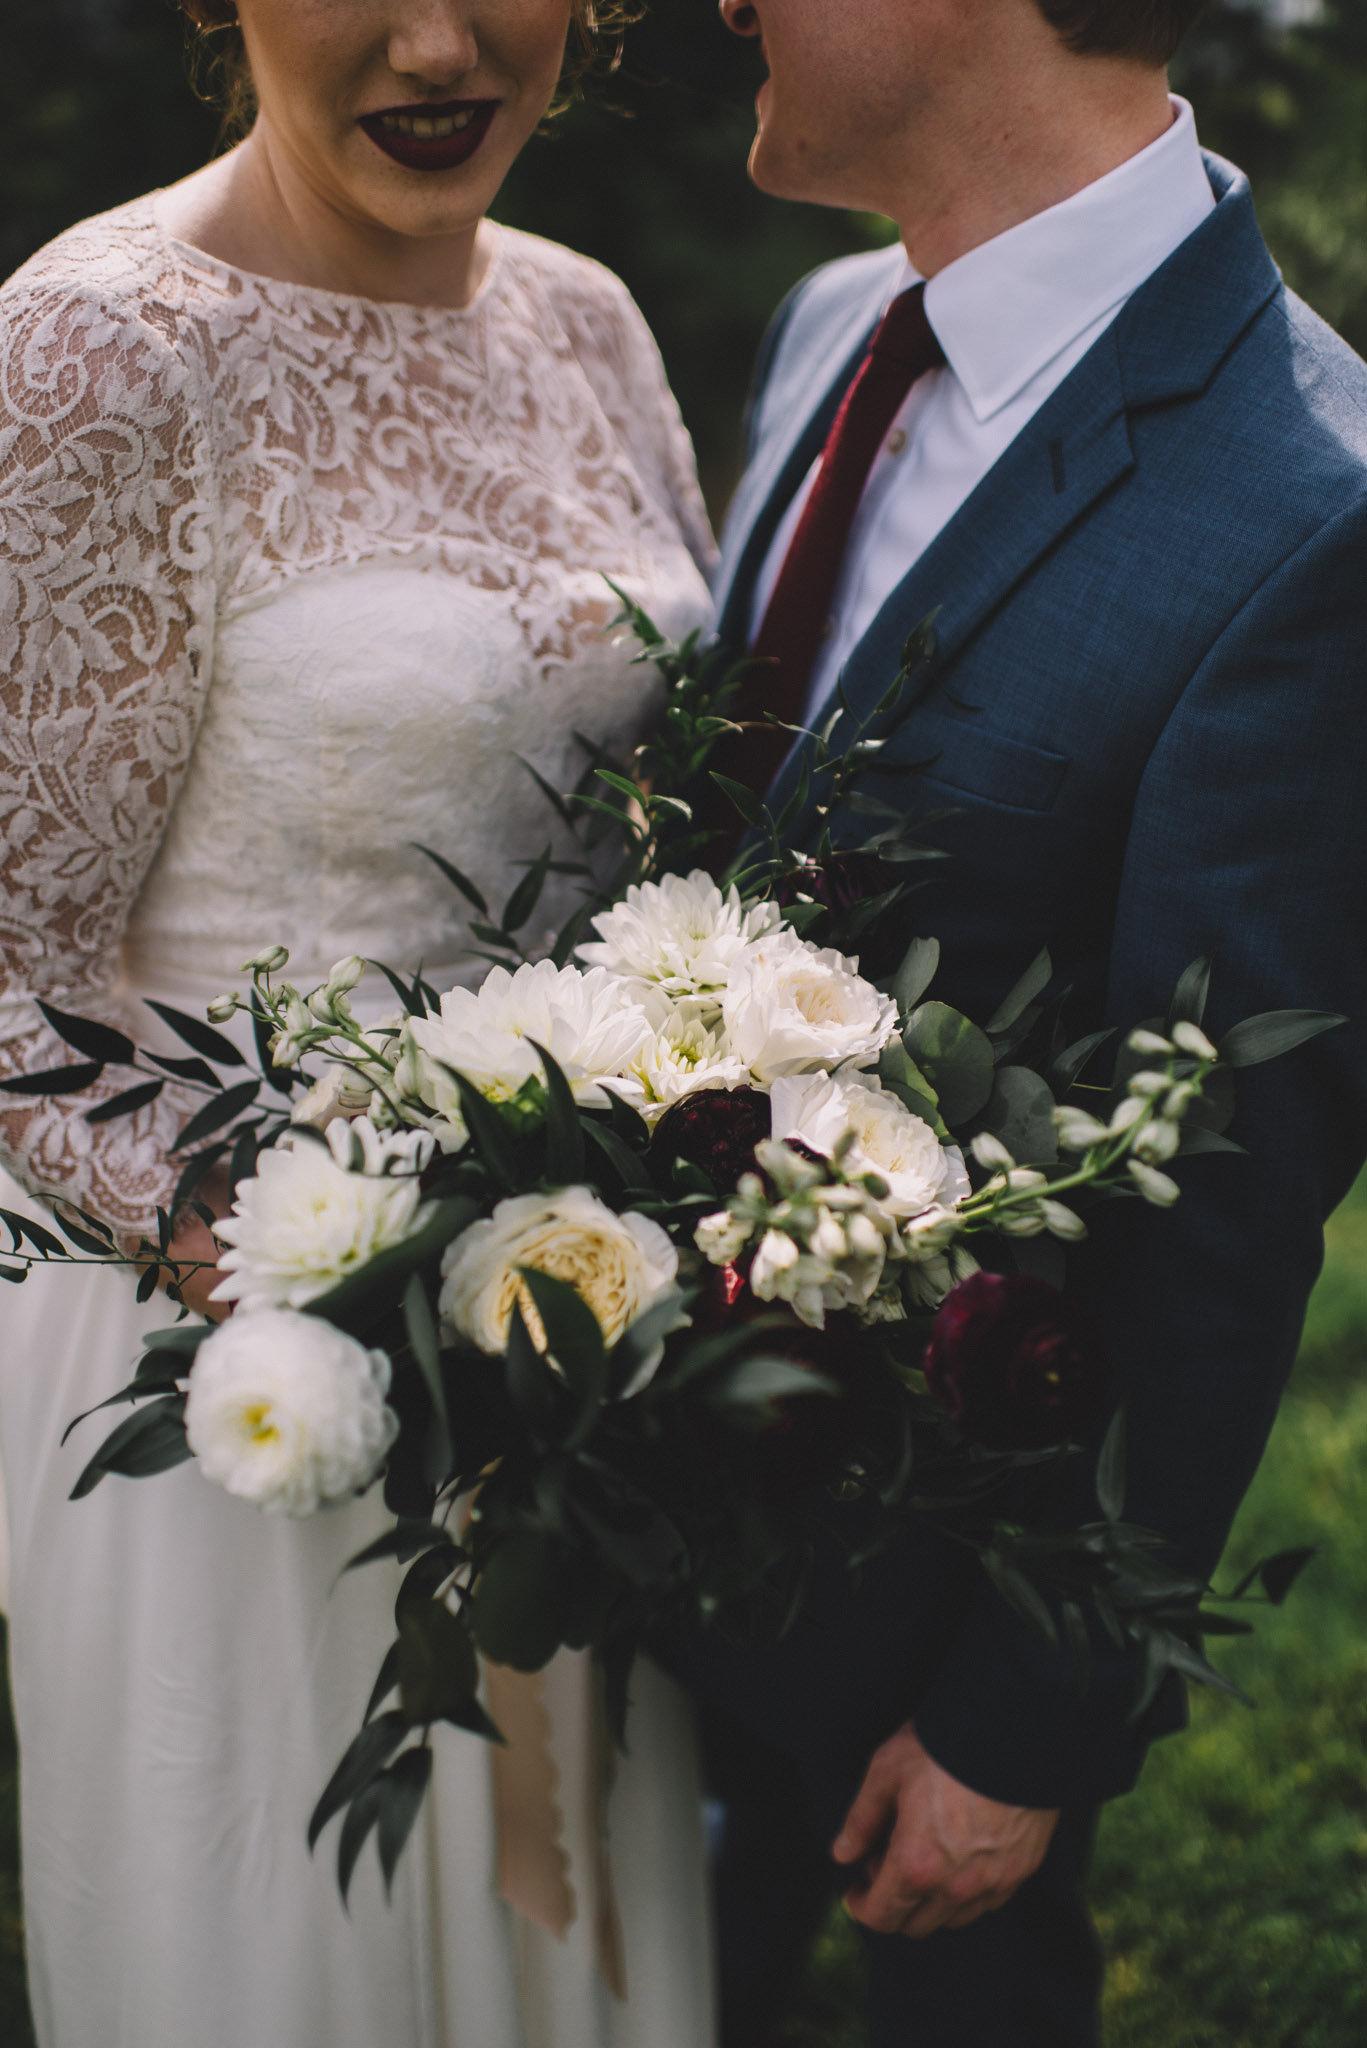 Jaime Dan married-Export Gallery-0427.jpg